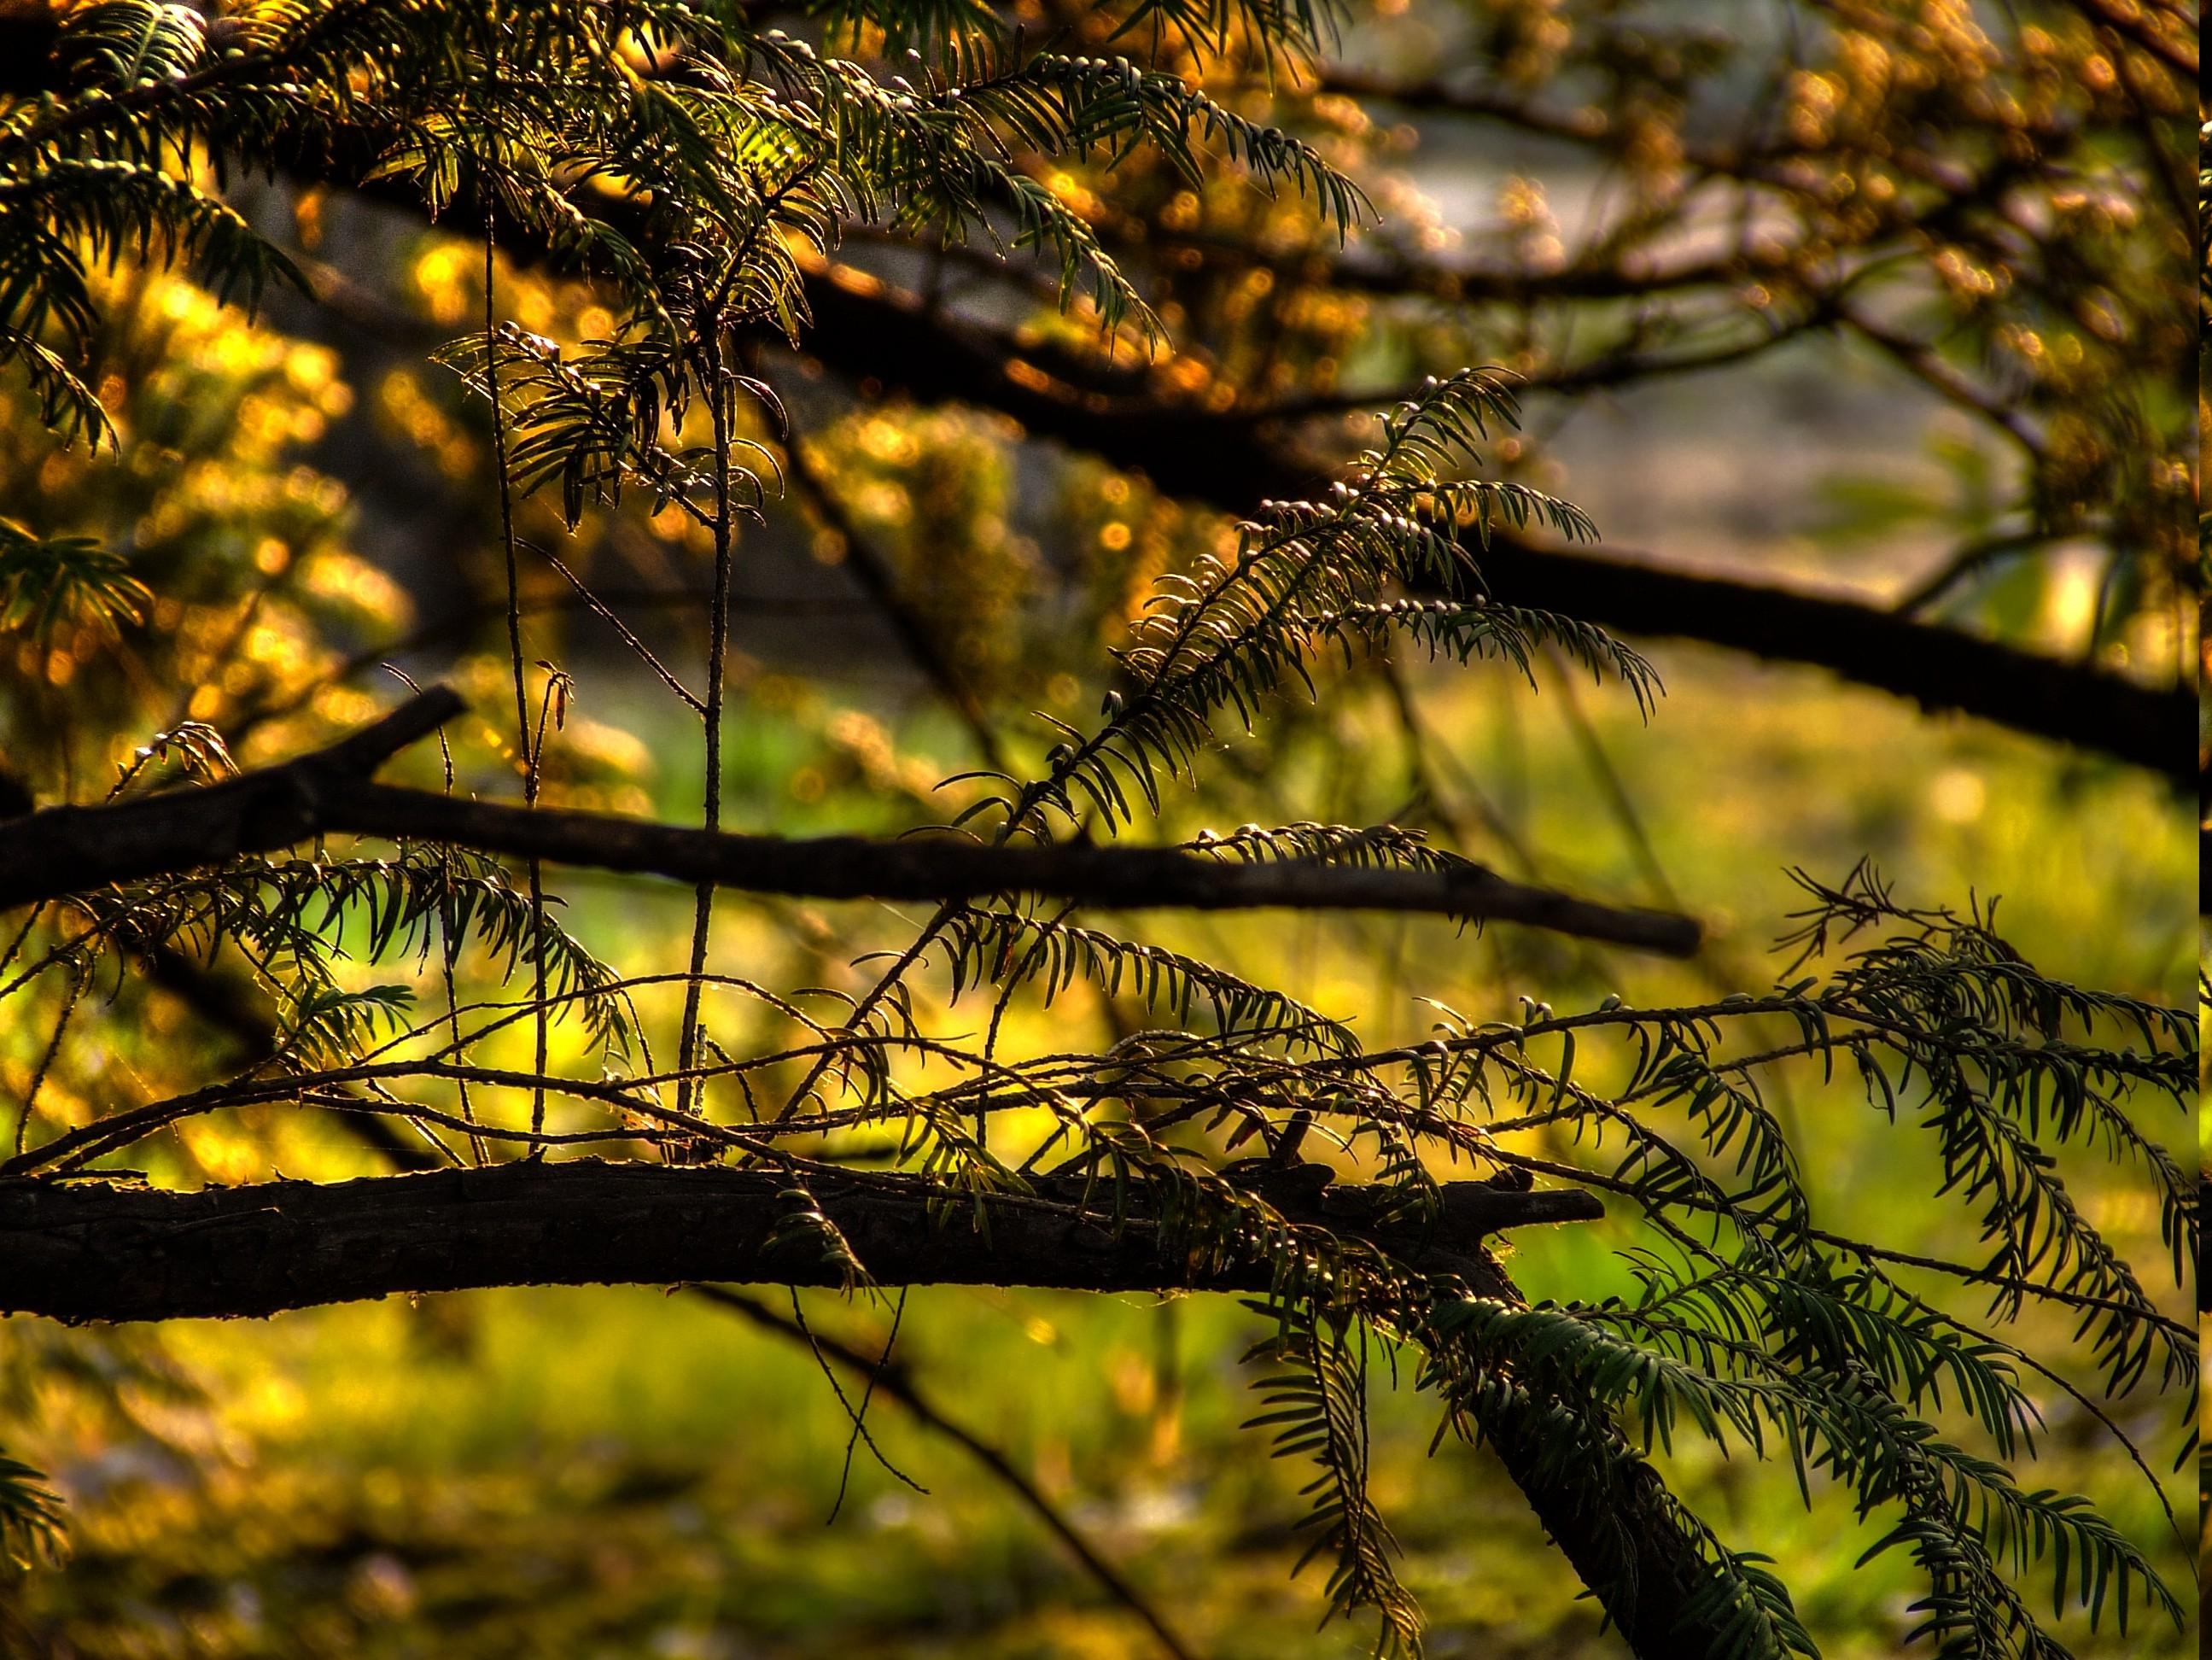 Download 43 Background Bunga Hutan Gratis Terbaik